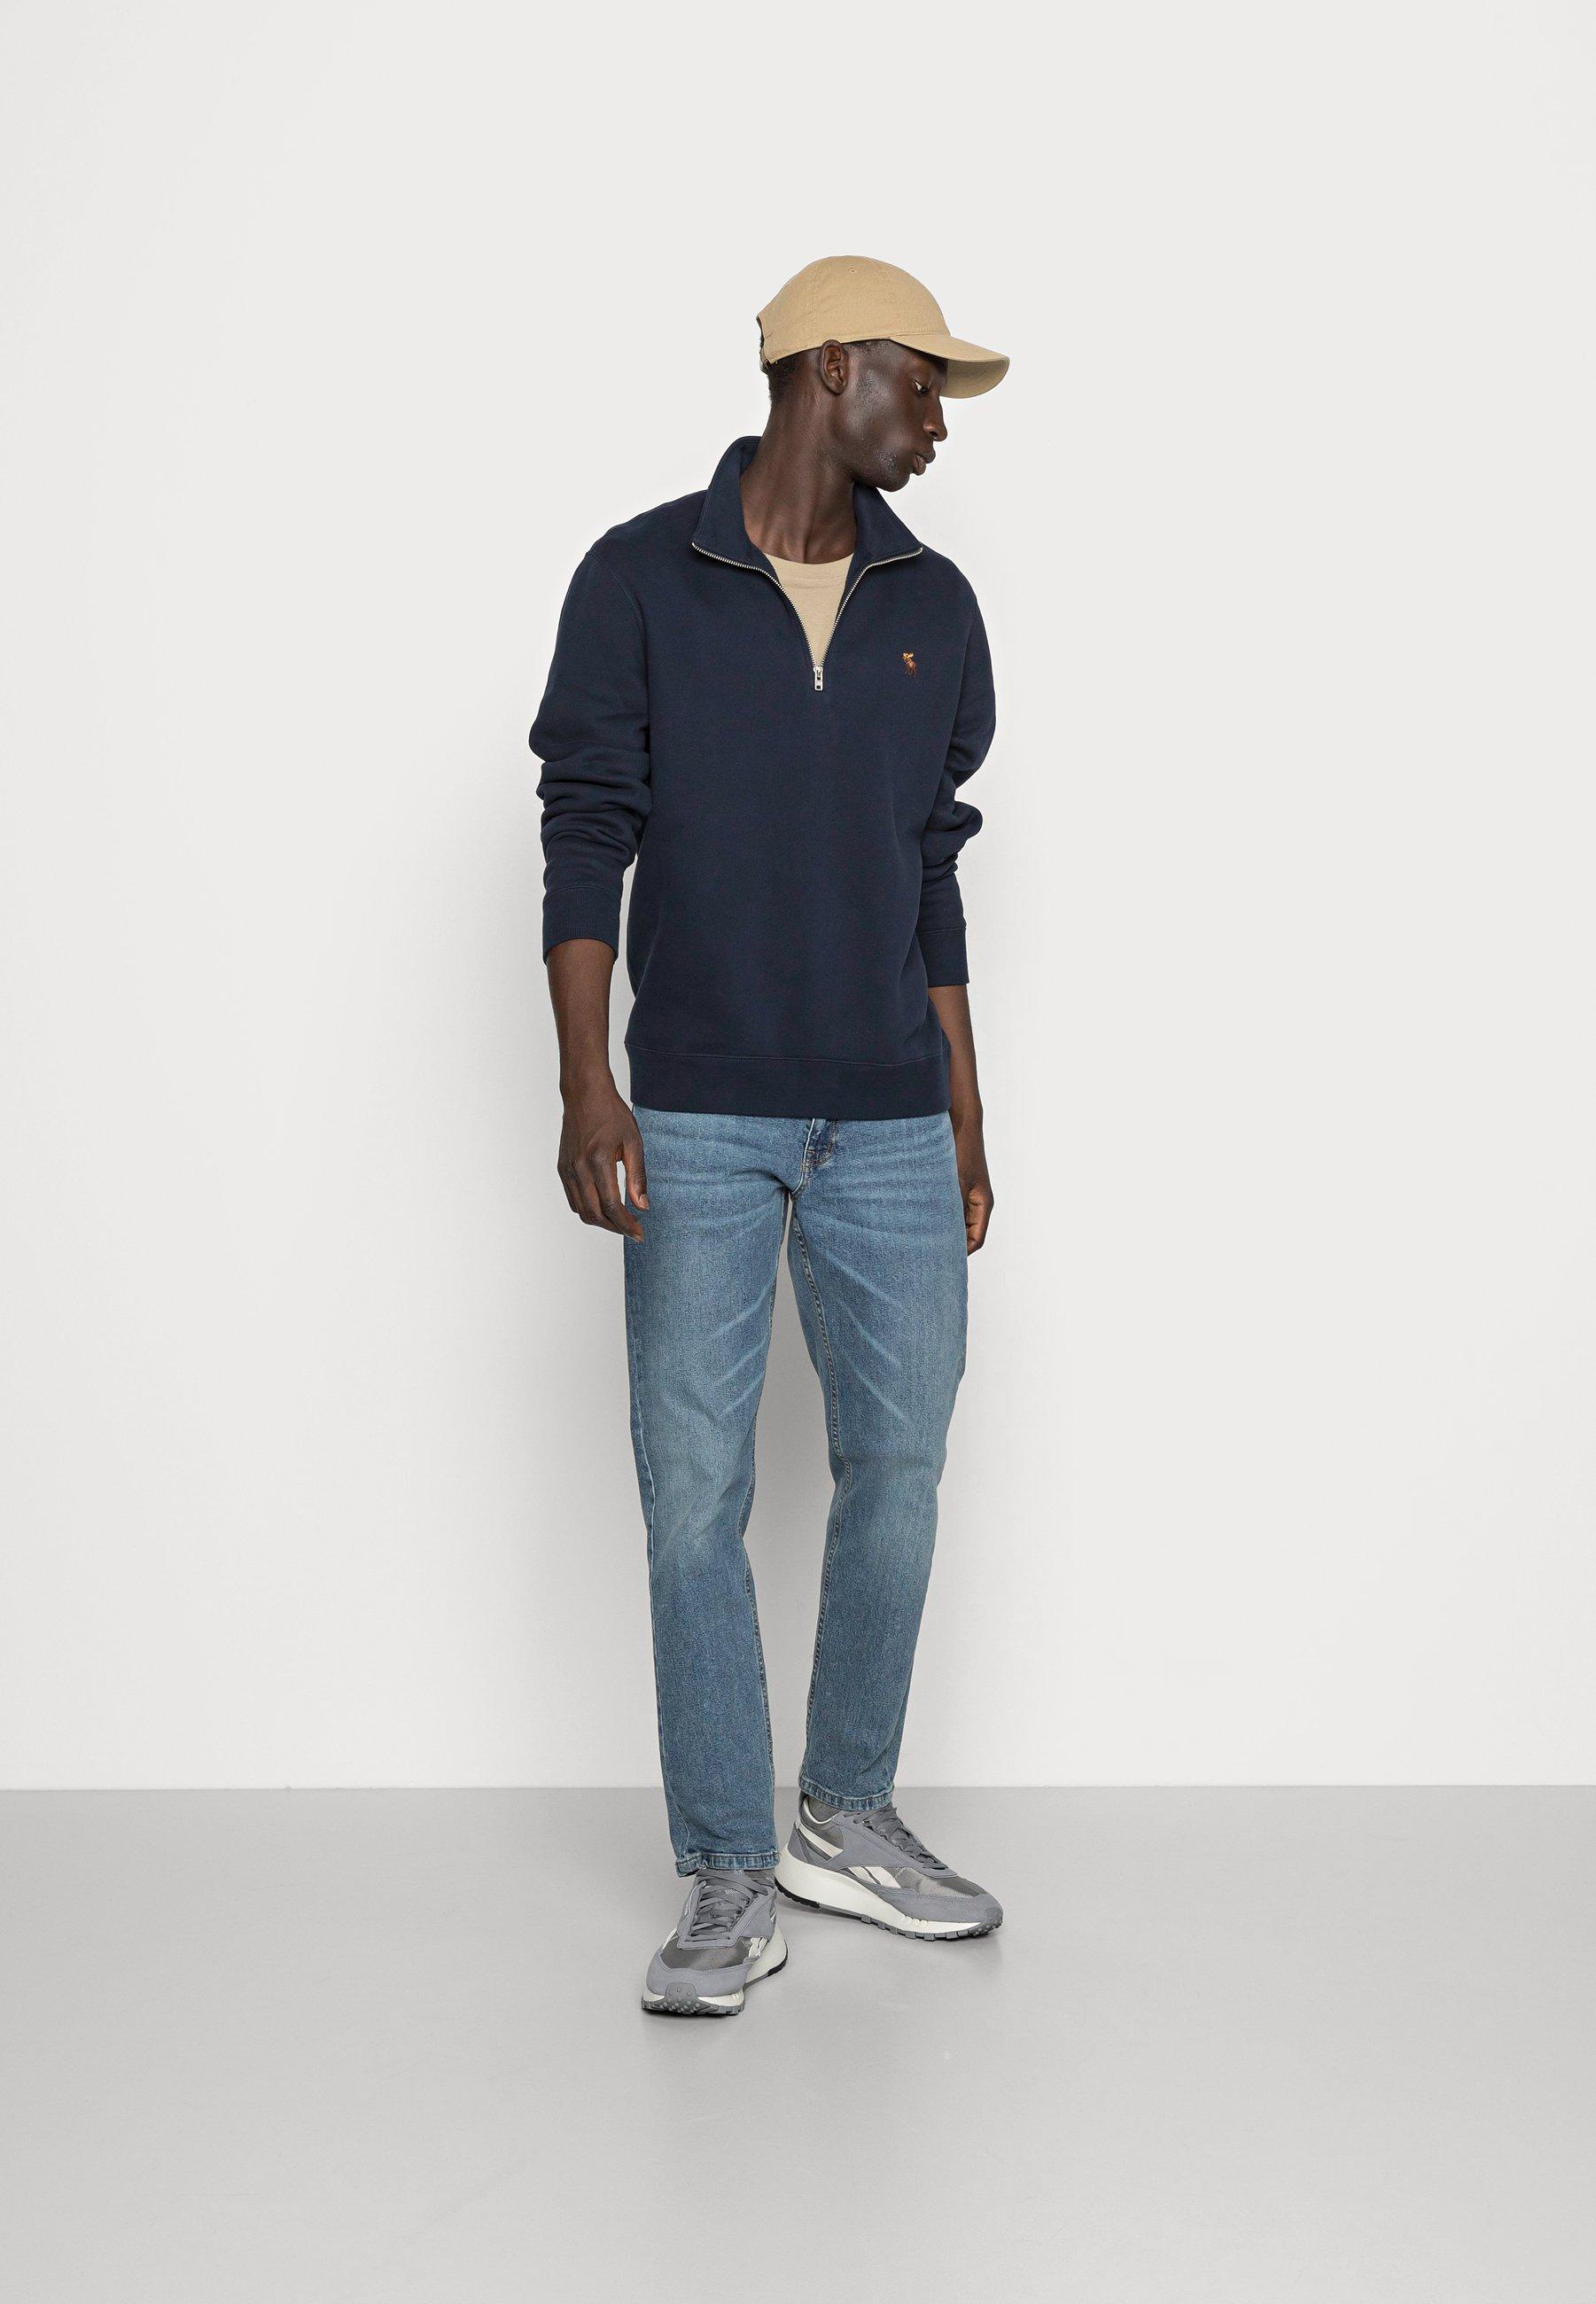 Homme LIFELIKE ICON - Sweatshirt